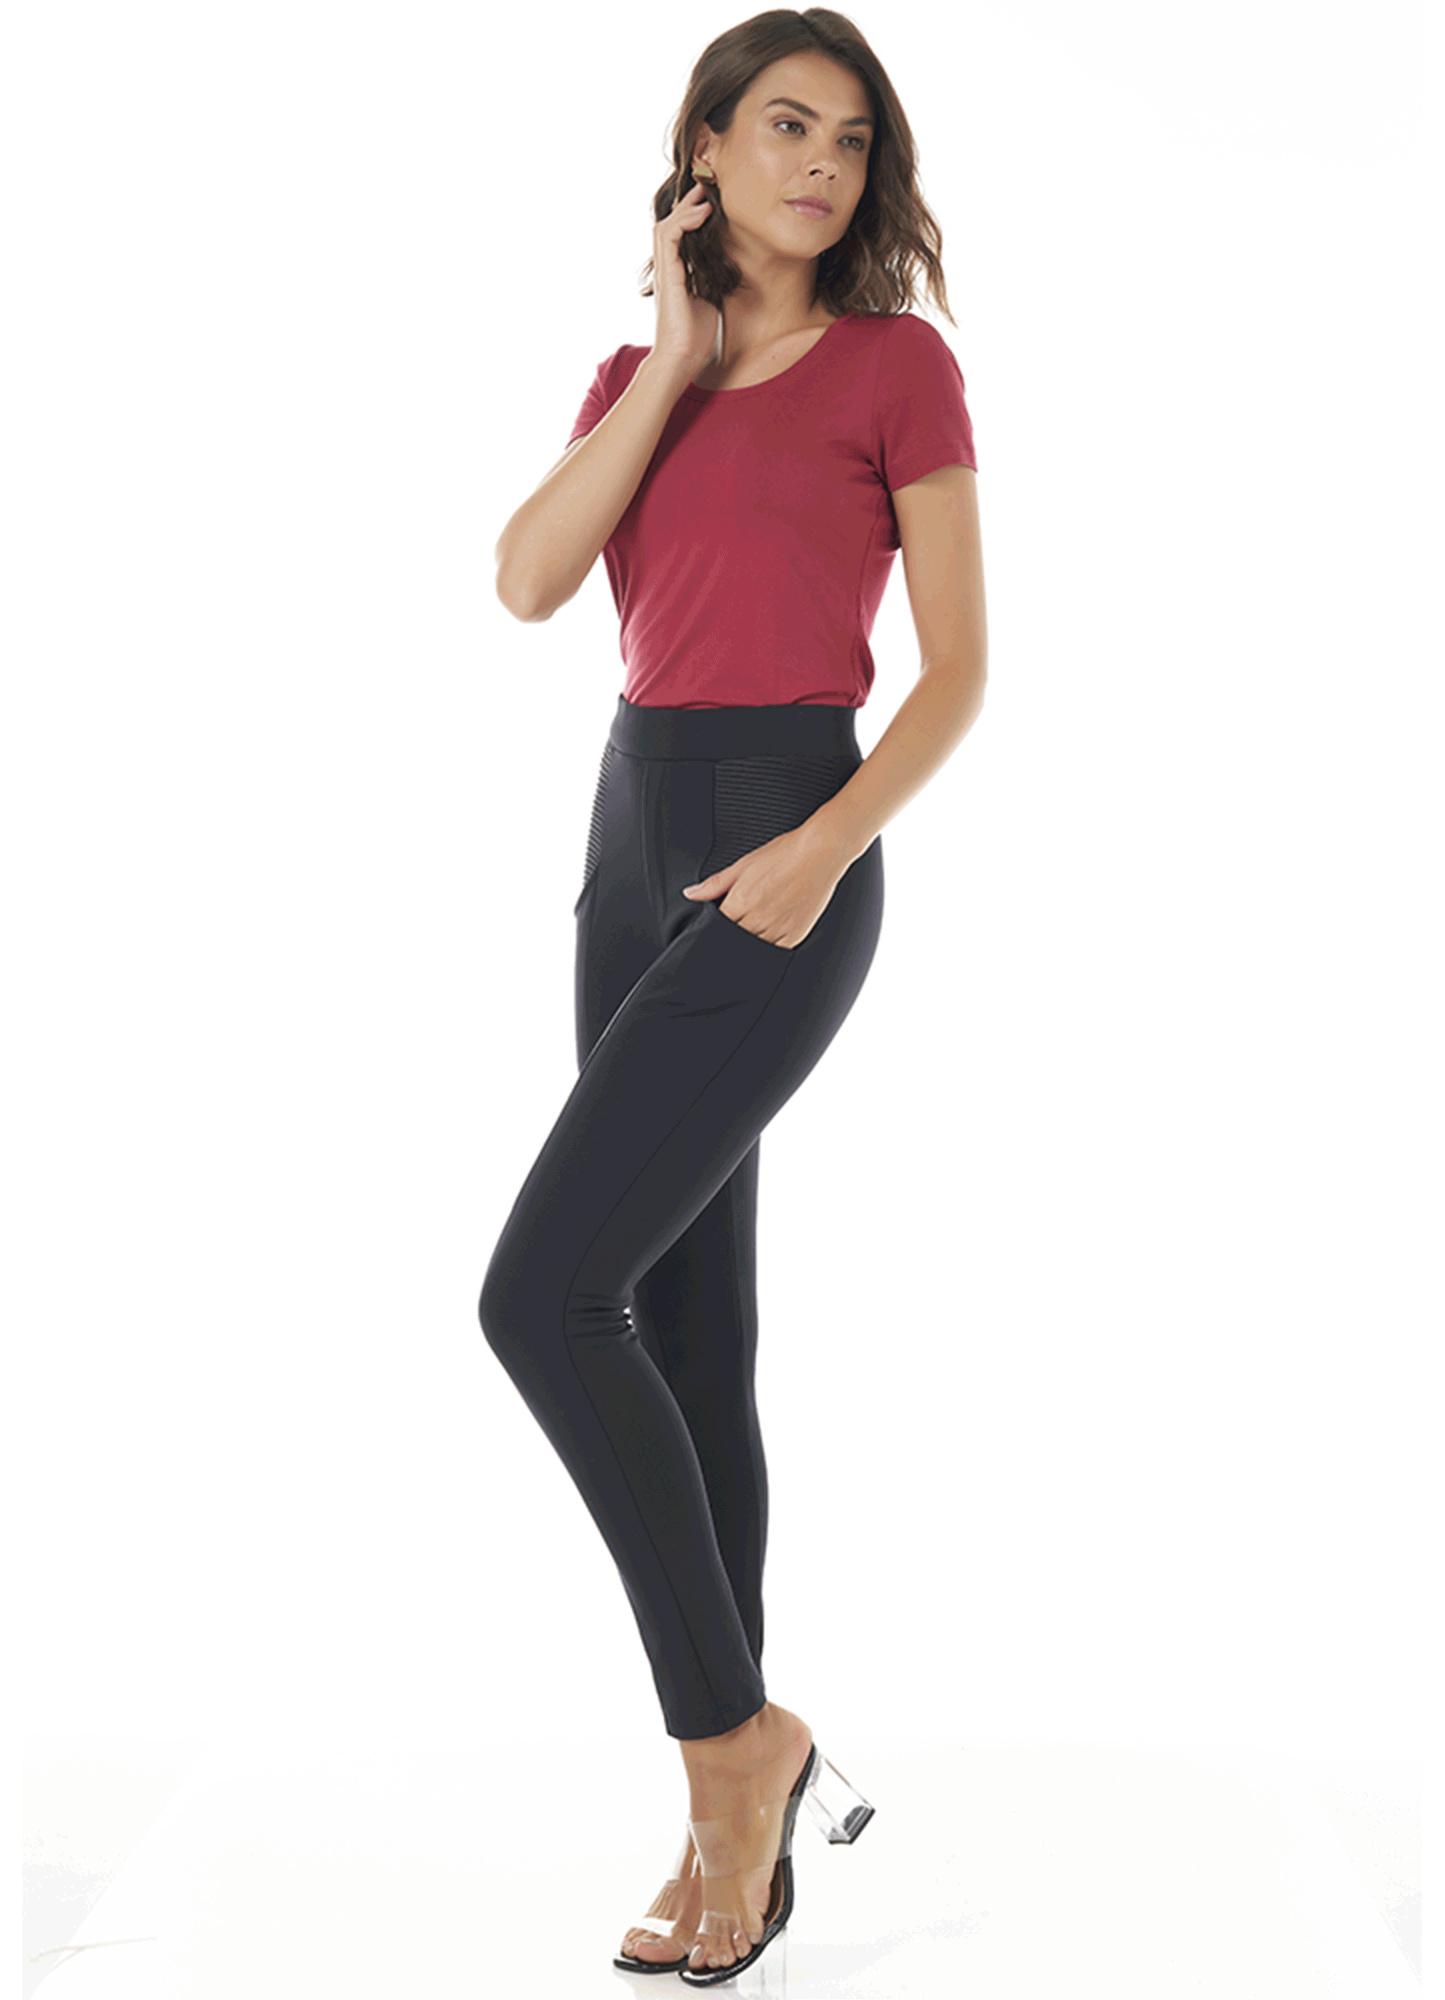 Calça Montaria Body Fit Feminina Poliamida Preta com Bolso na Frente